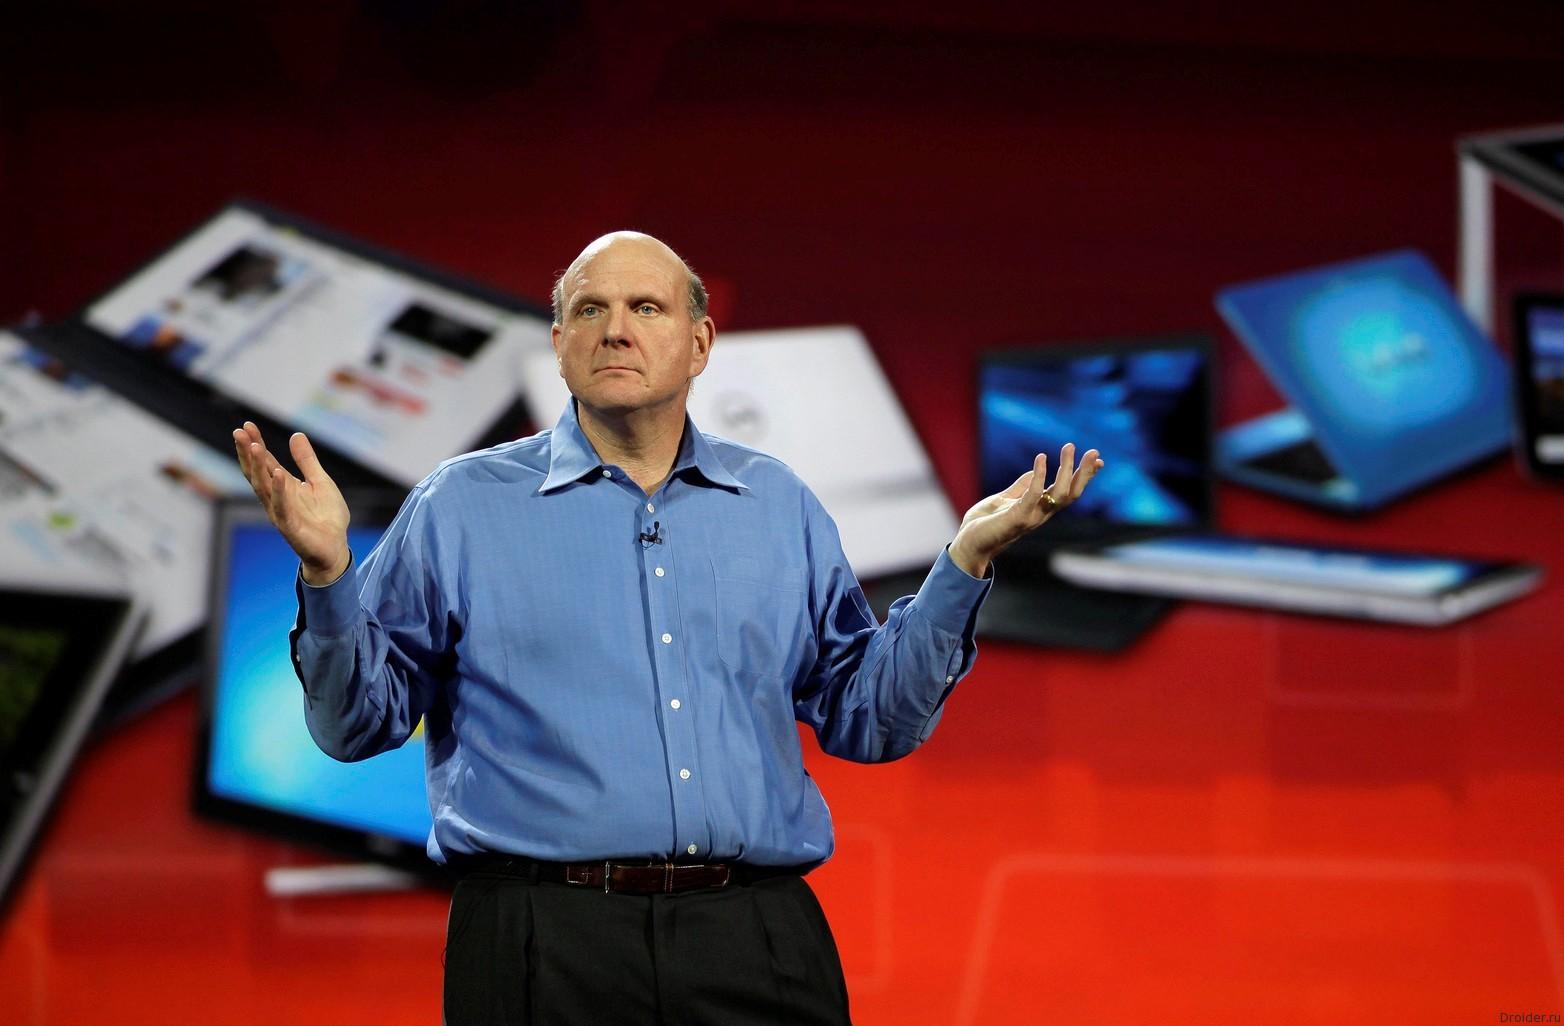 Стив Балмер и Microsoft